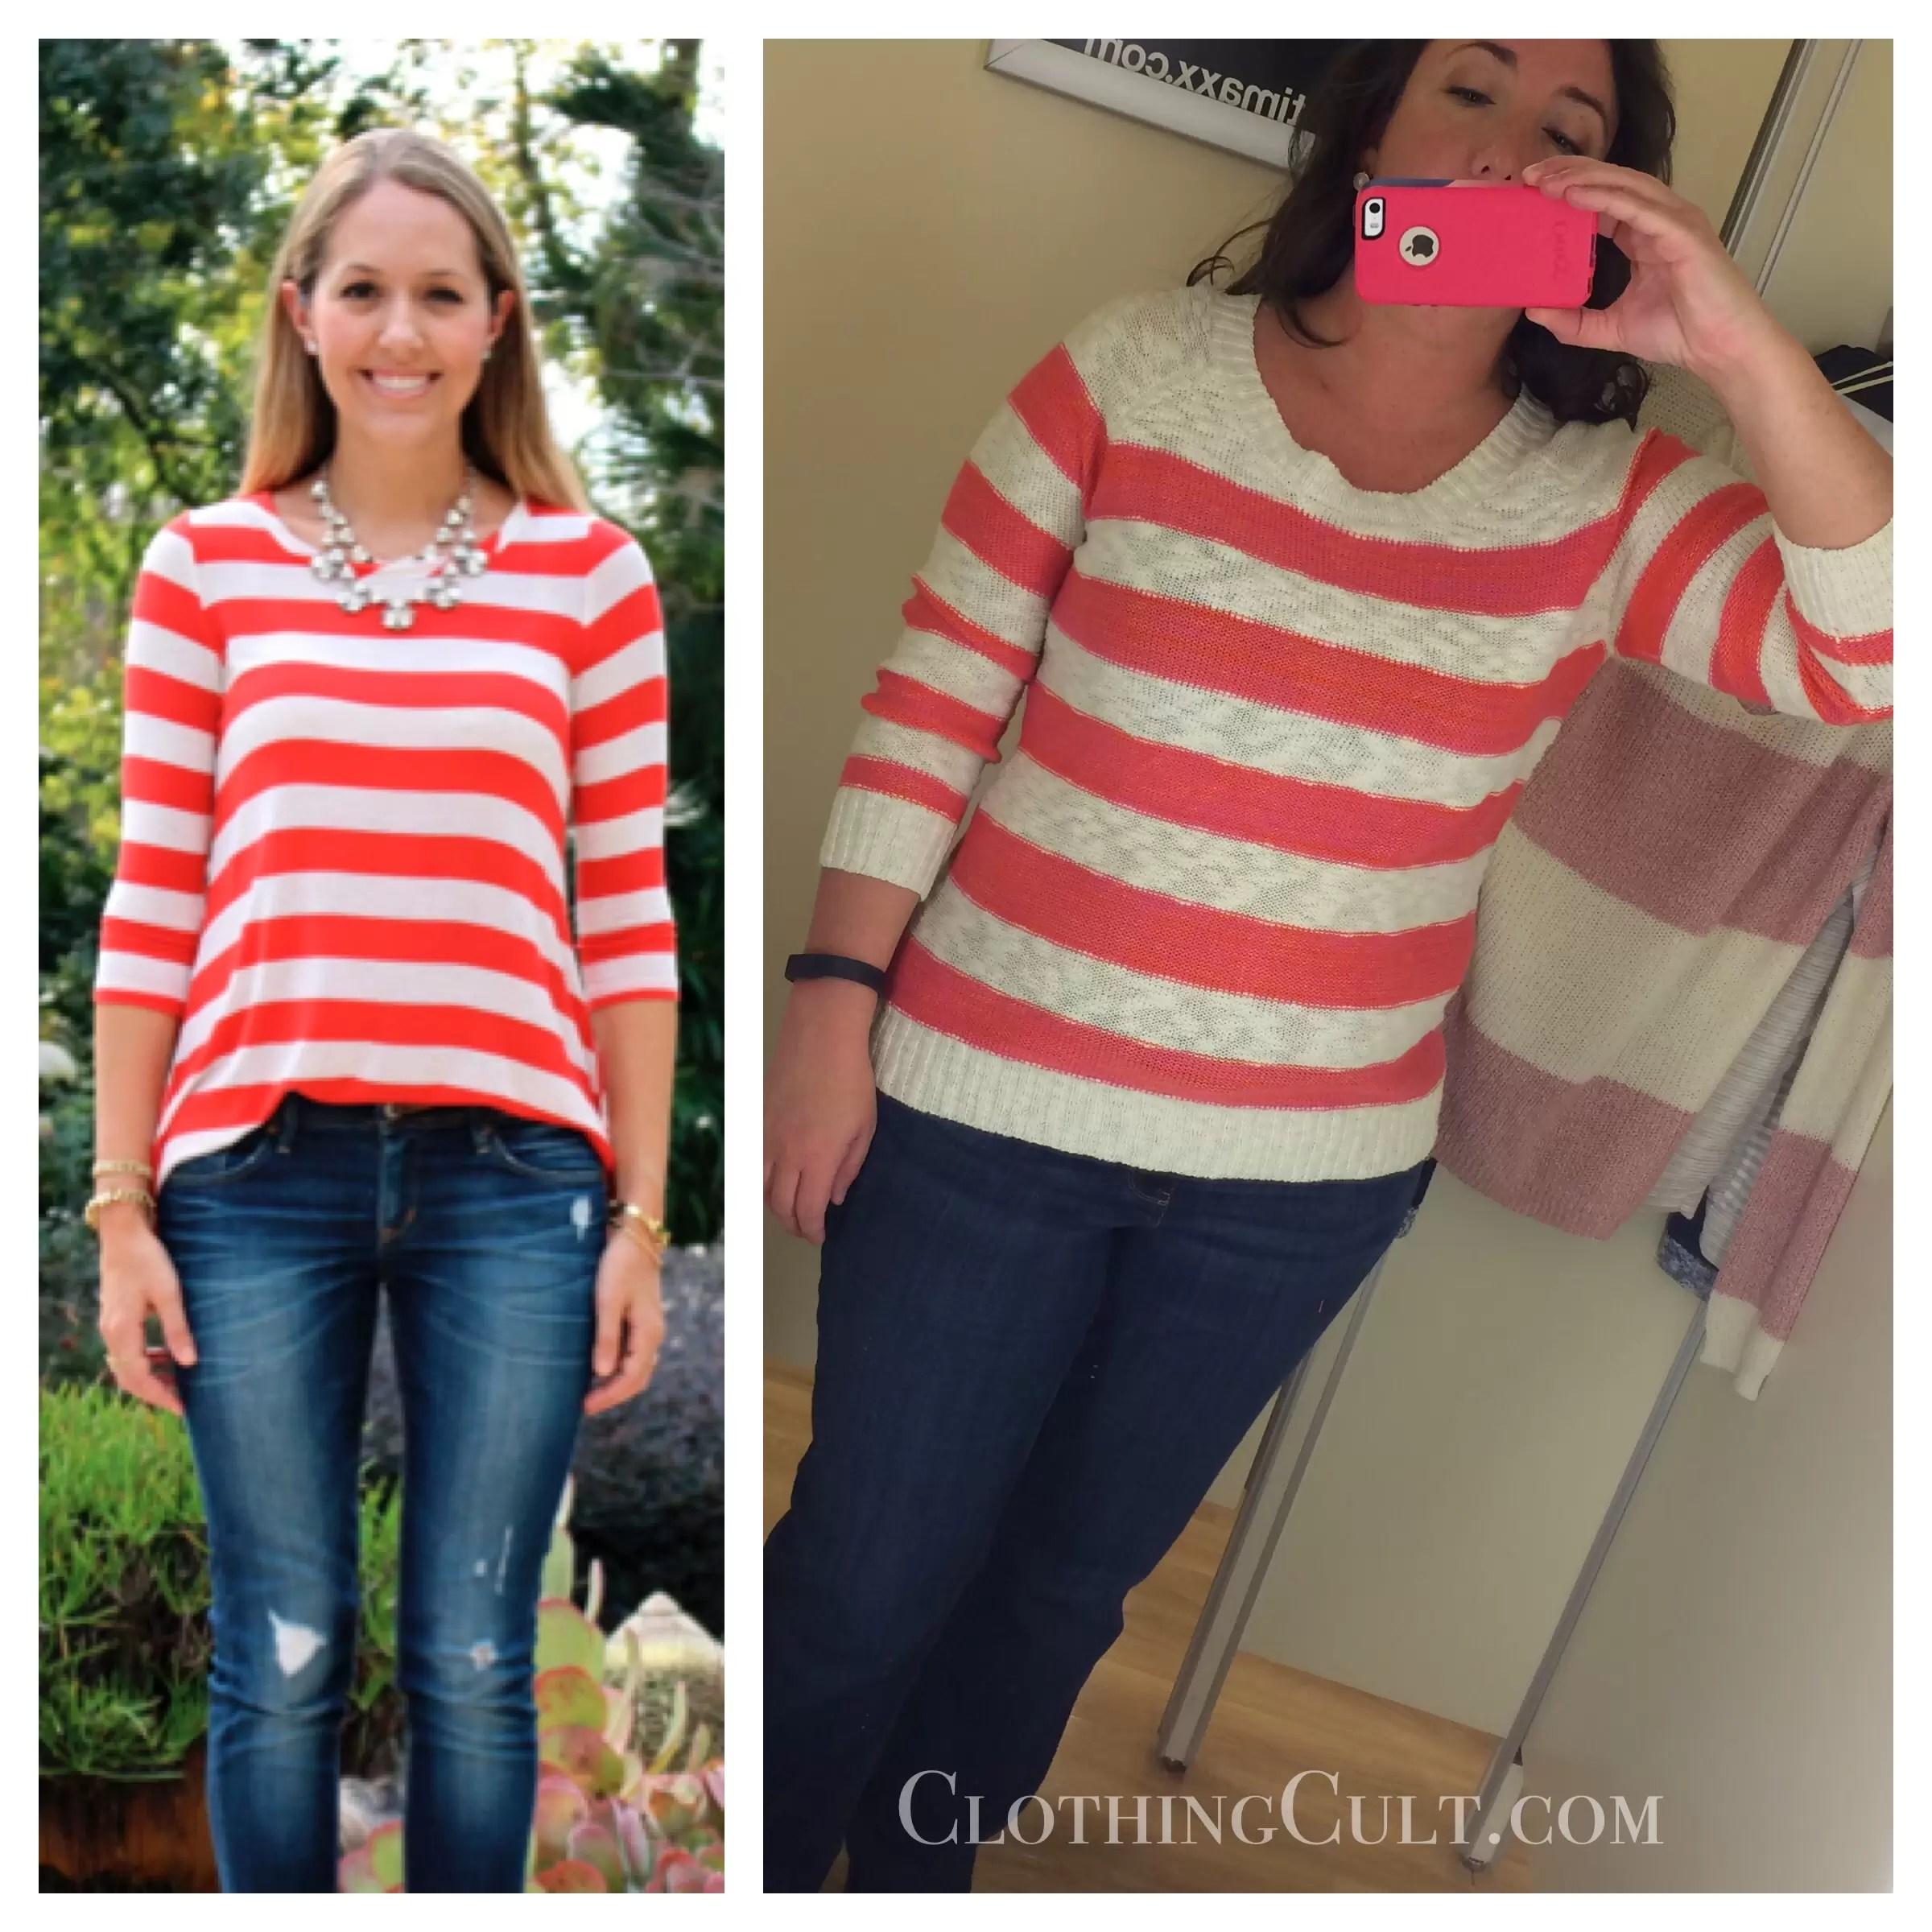 6b0f7c3d639 TJ Maxx Pink Rose striped sweater - ClothingCult.com